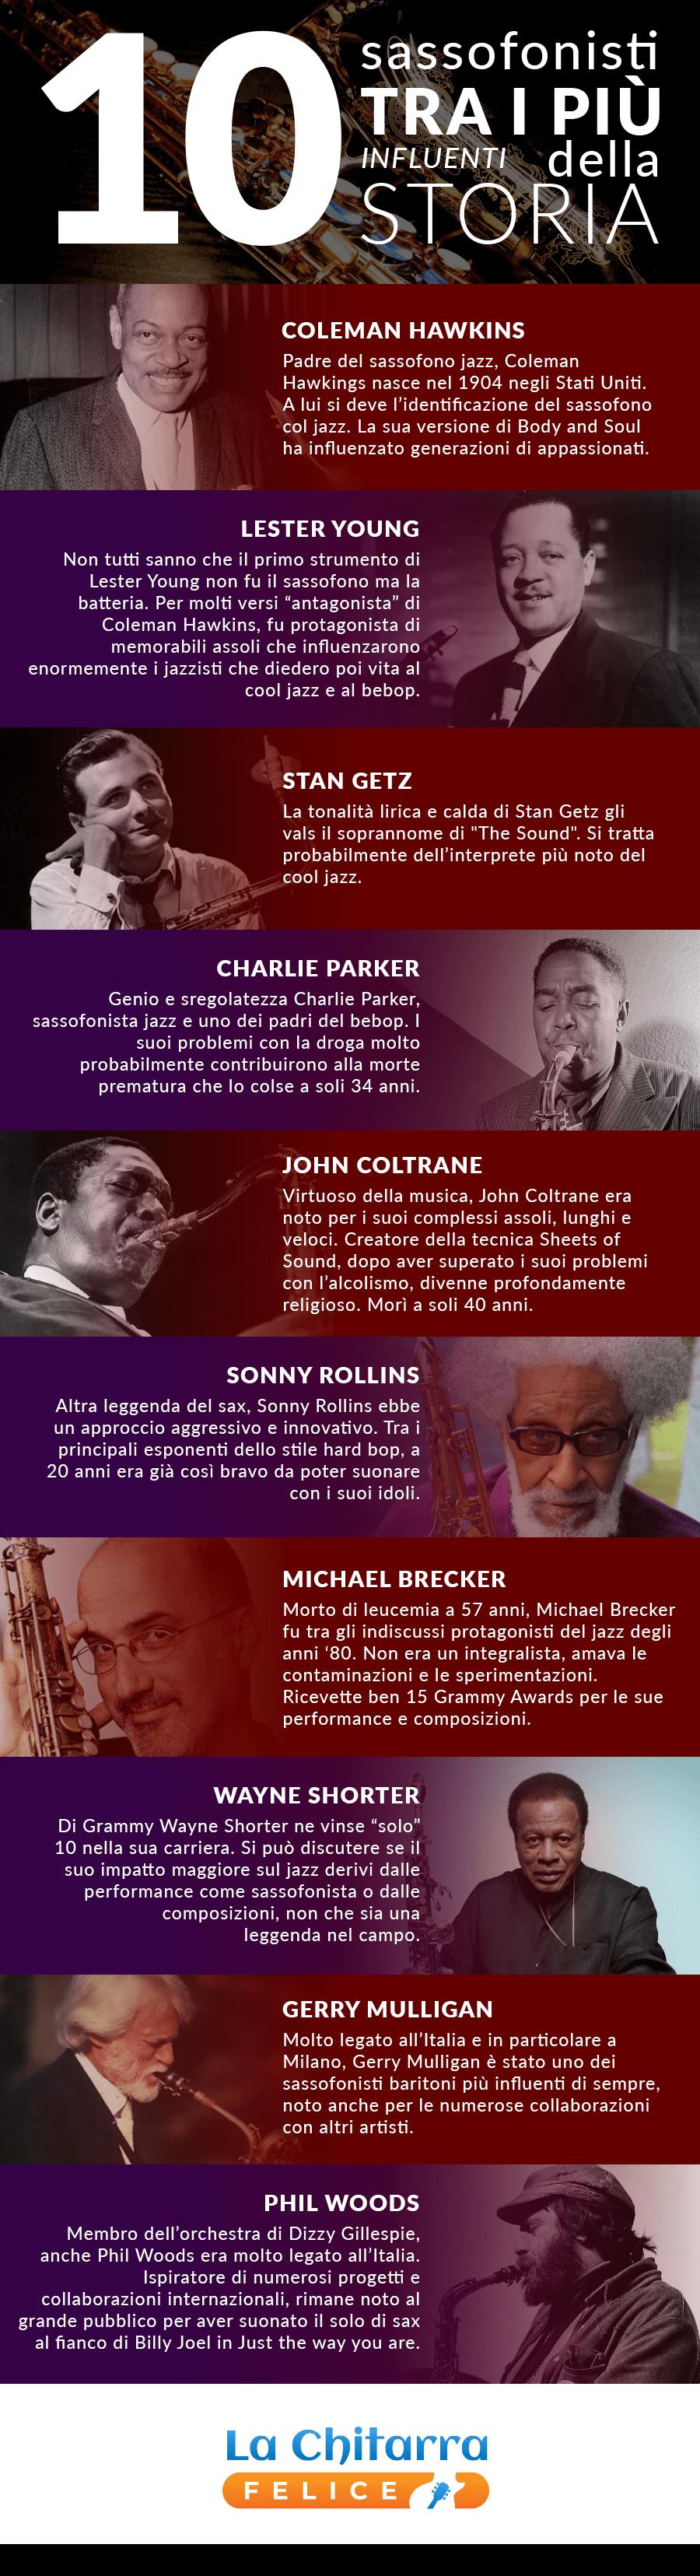 sassofonisti famosi, sassofonisti jazz